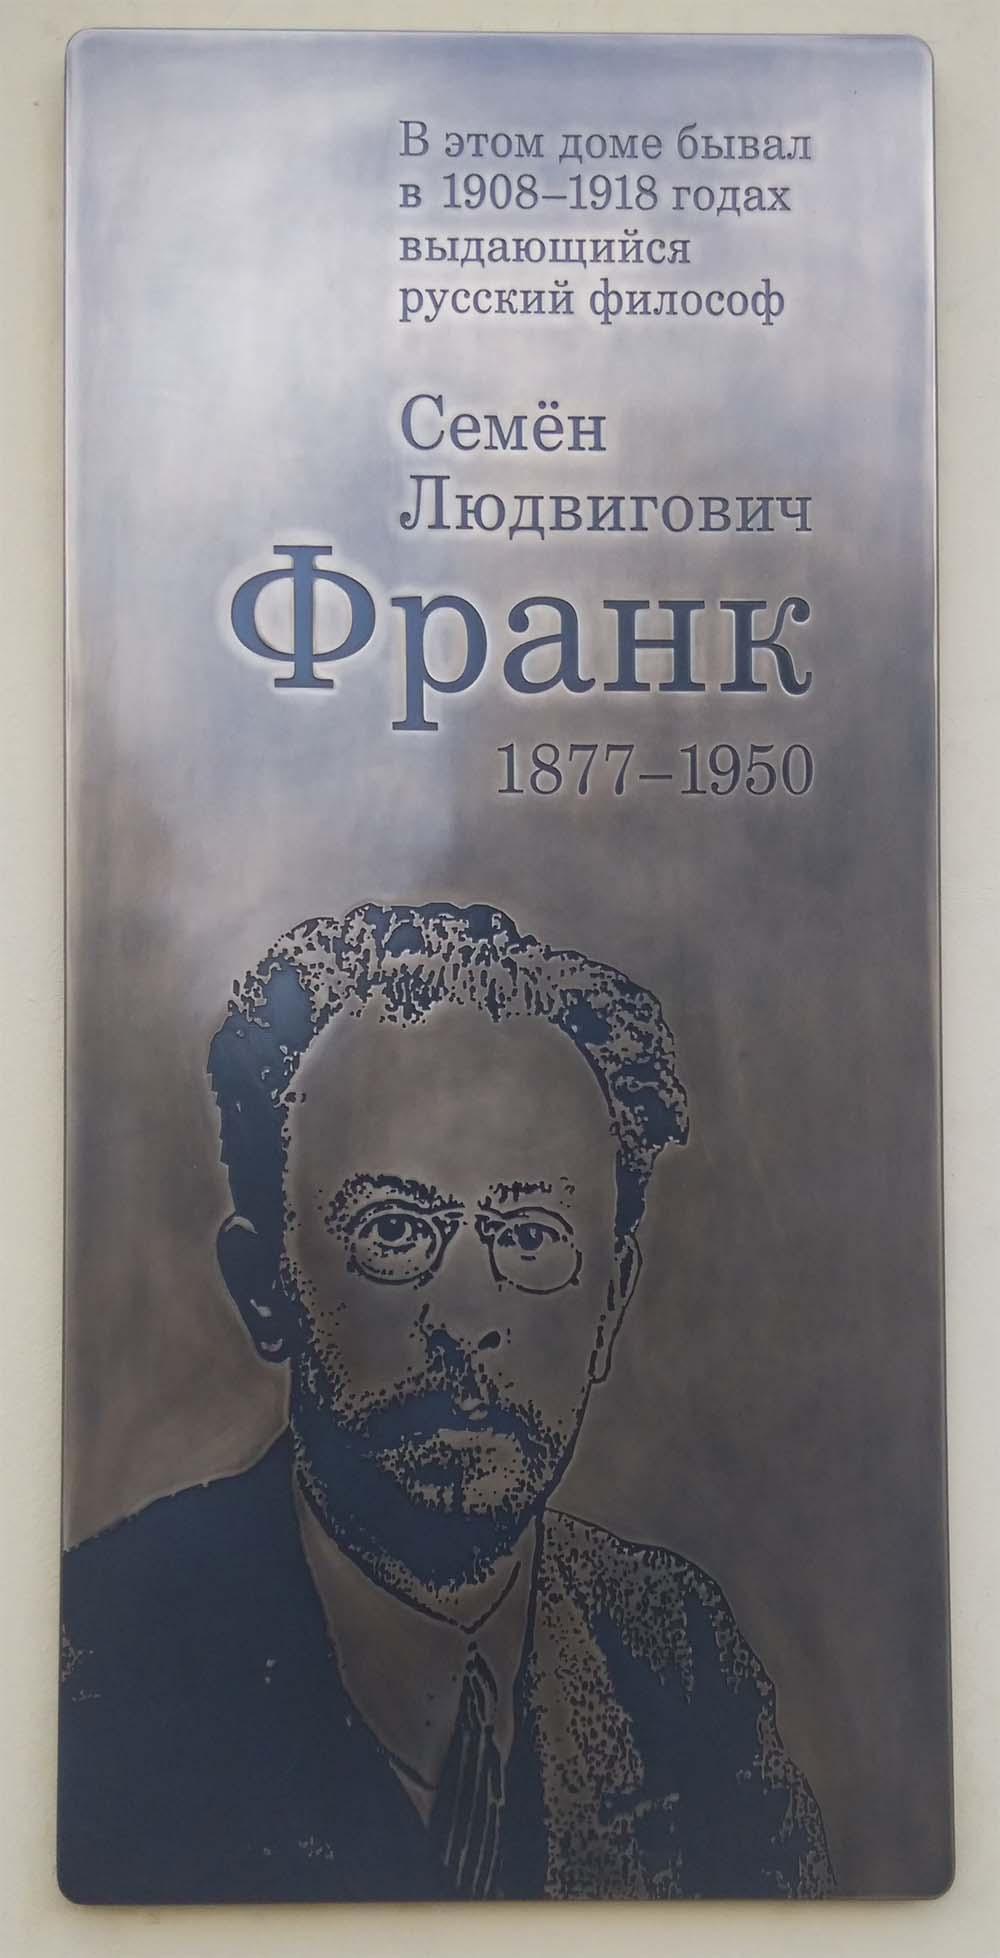 Мемориальная доска философа Семена Франка